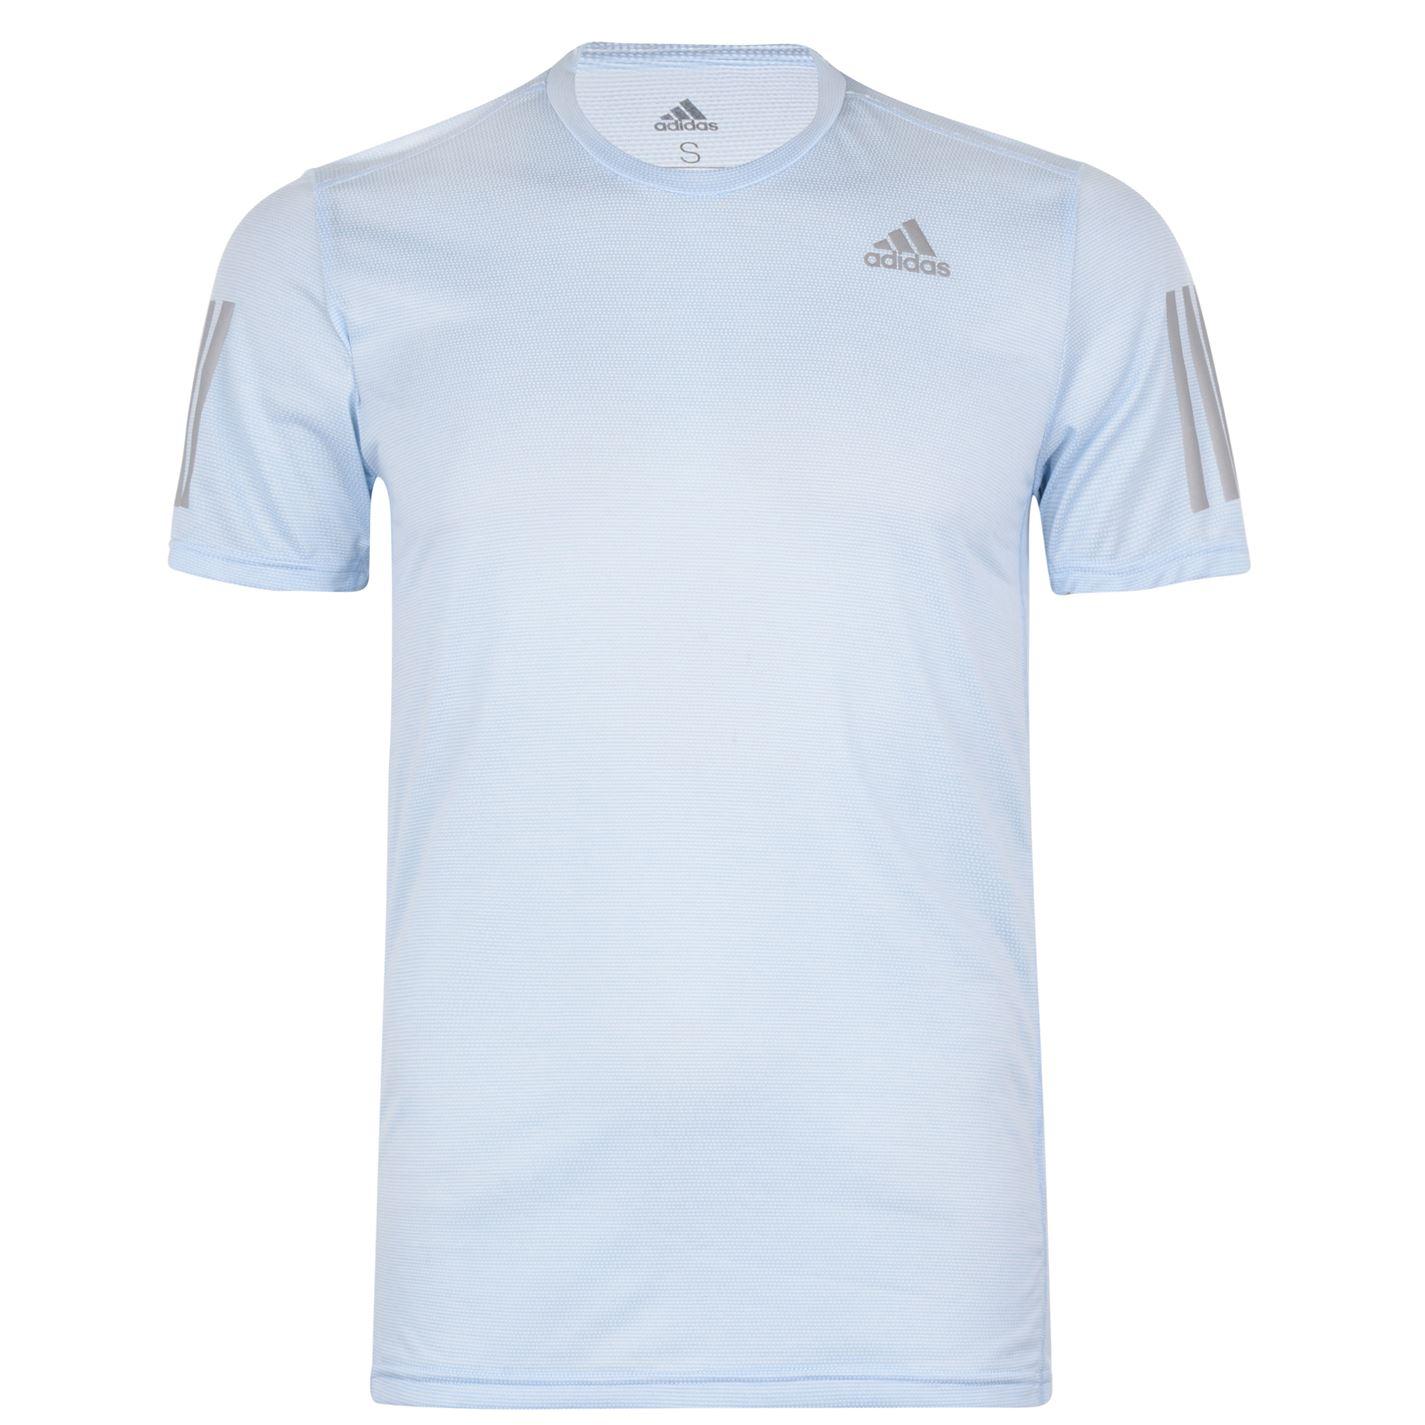 Adidas Response T Shirt Mens